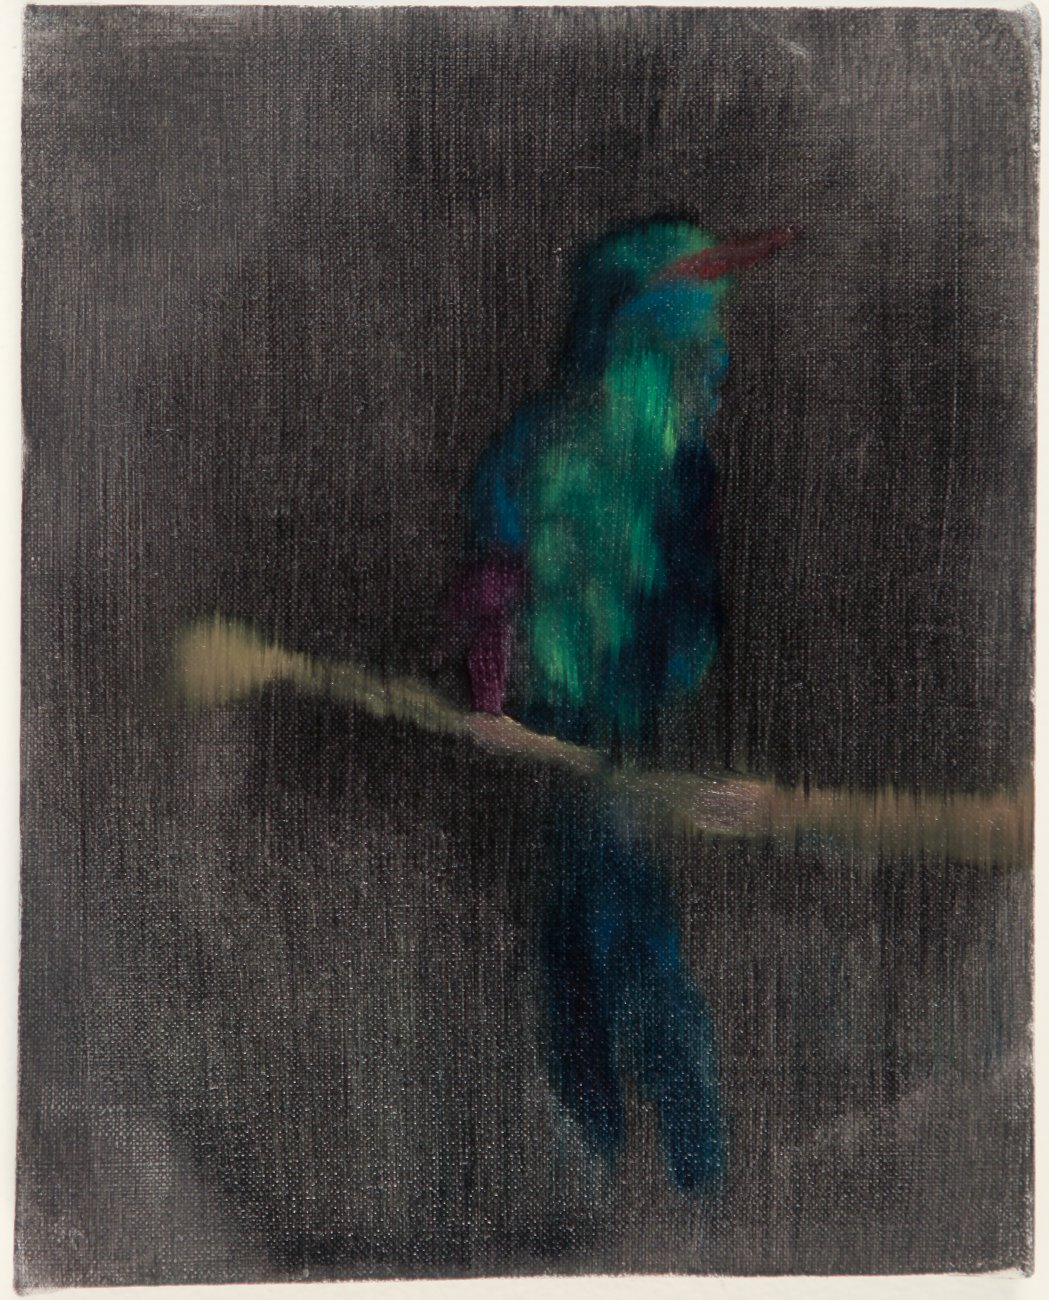 Bleckner 25264-1386789426-Bleckner, Ross painting.jpg